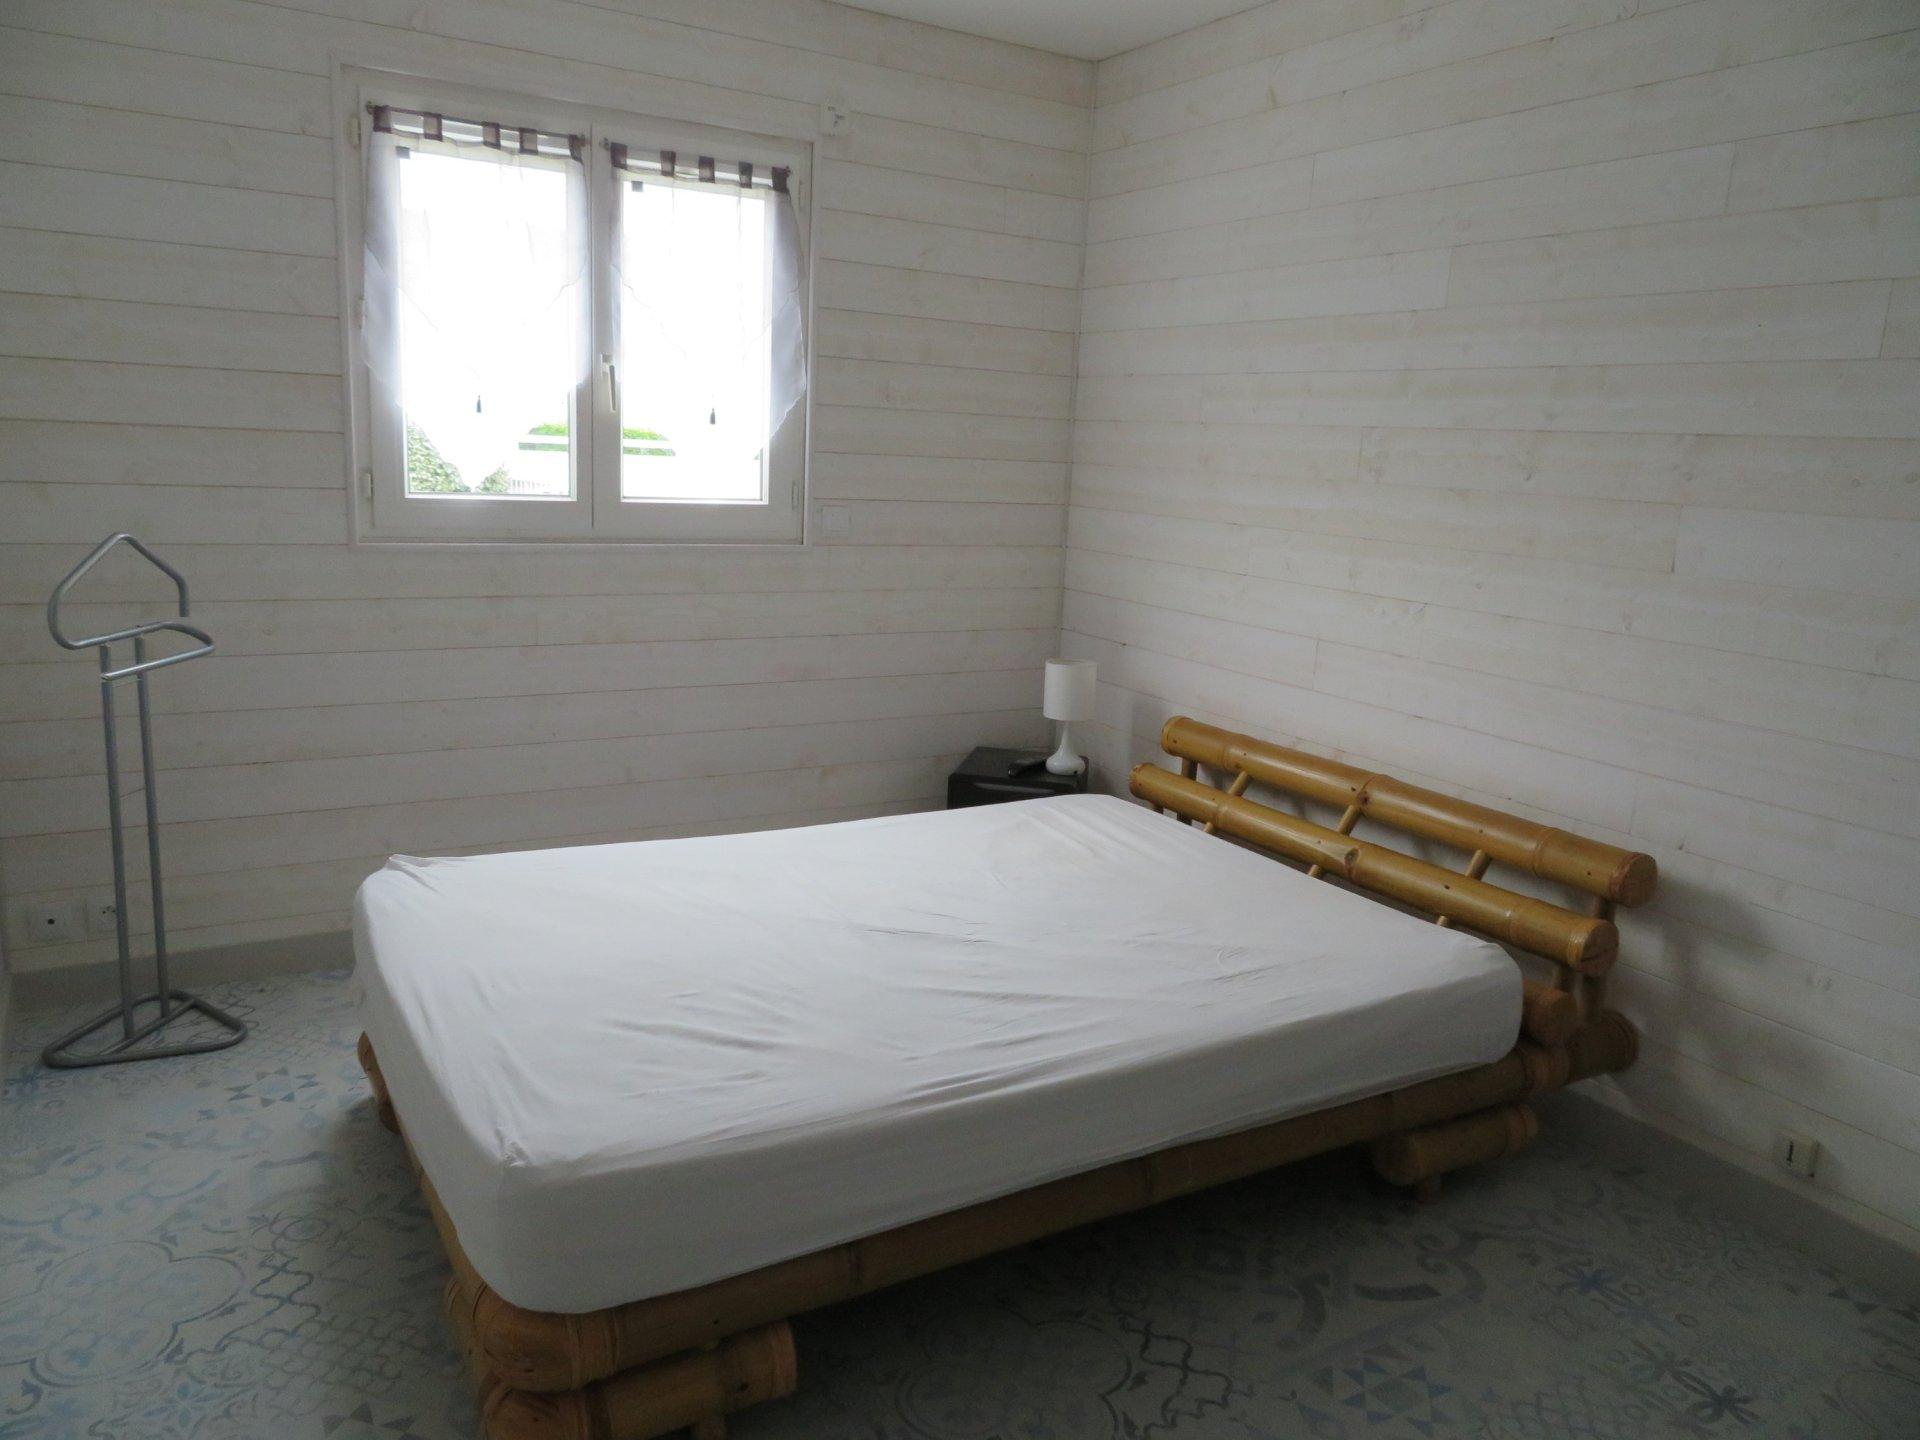 Maison à louer à Damgan Maison pour 5 personnes, proche mer et centre